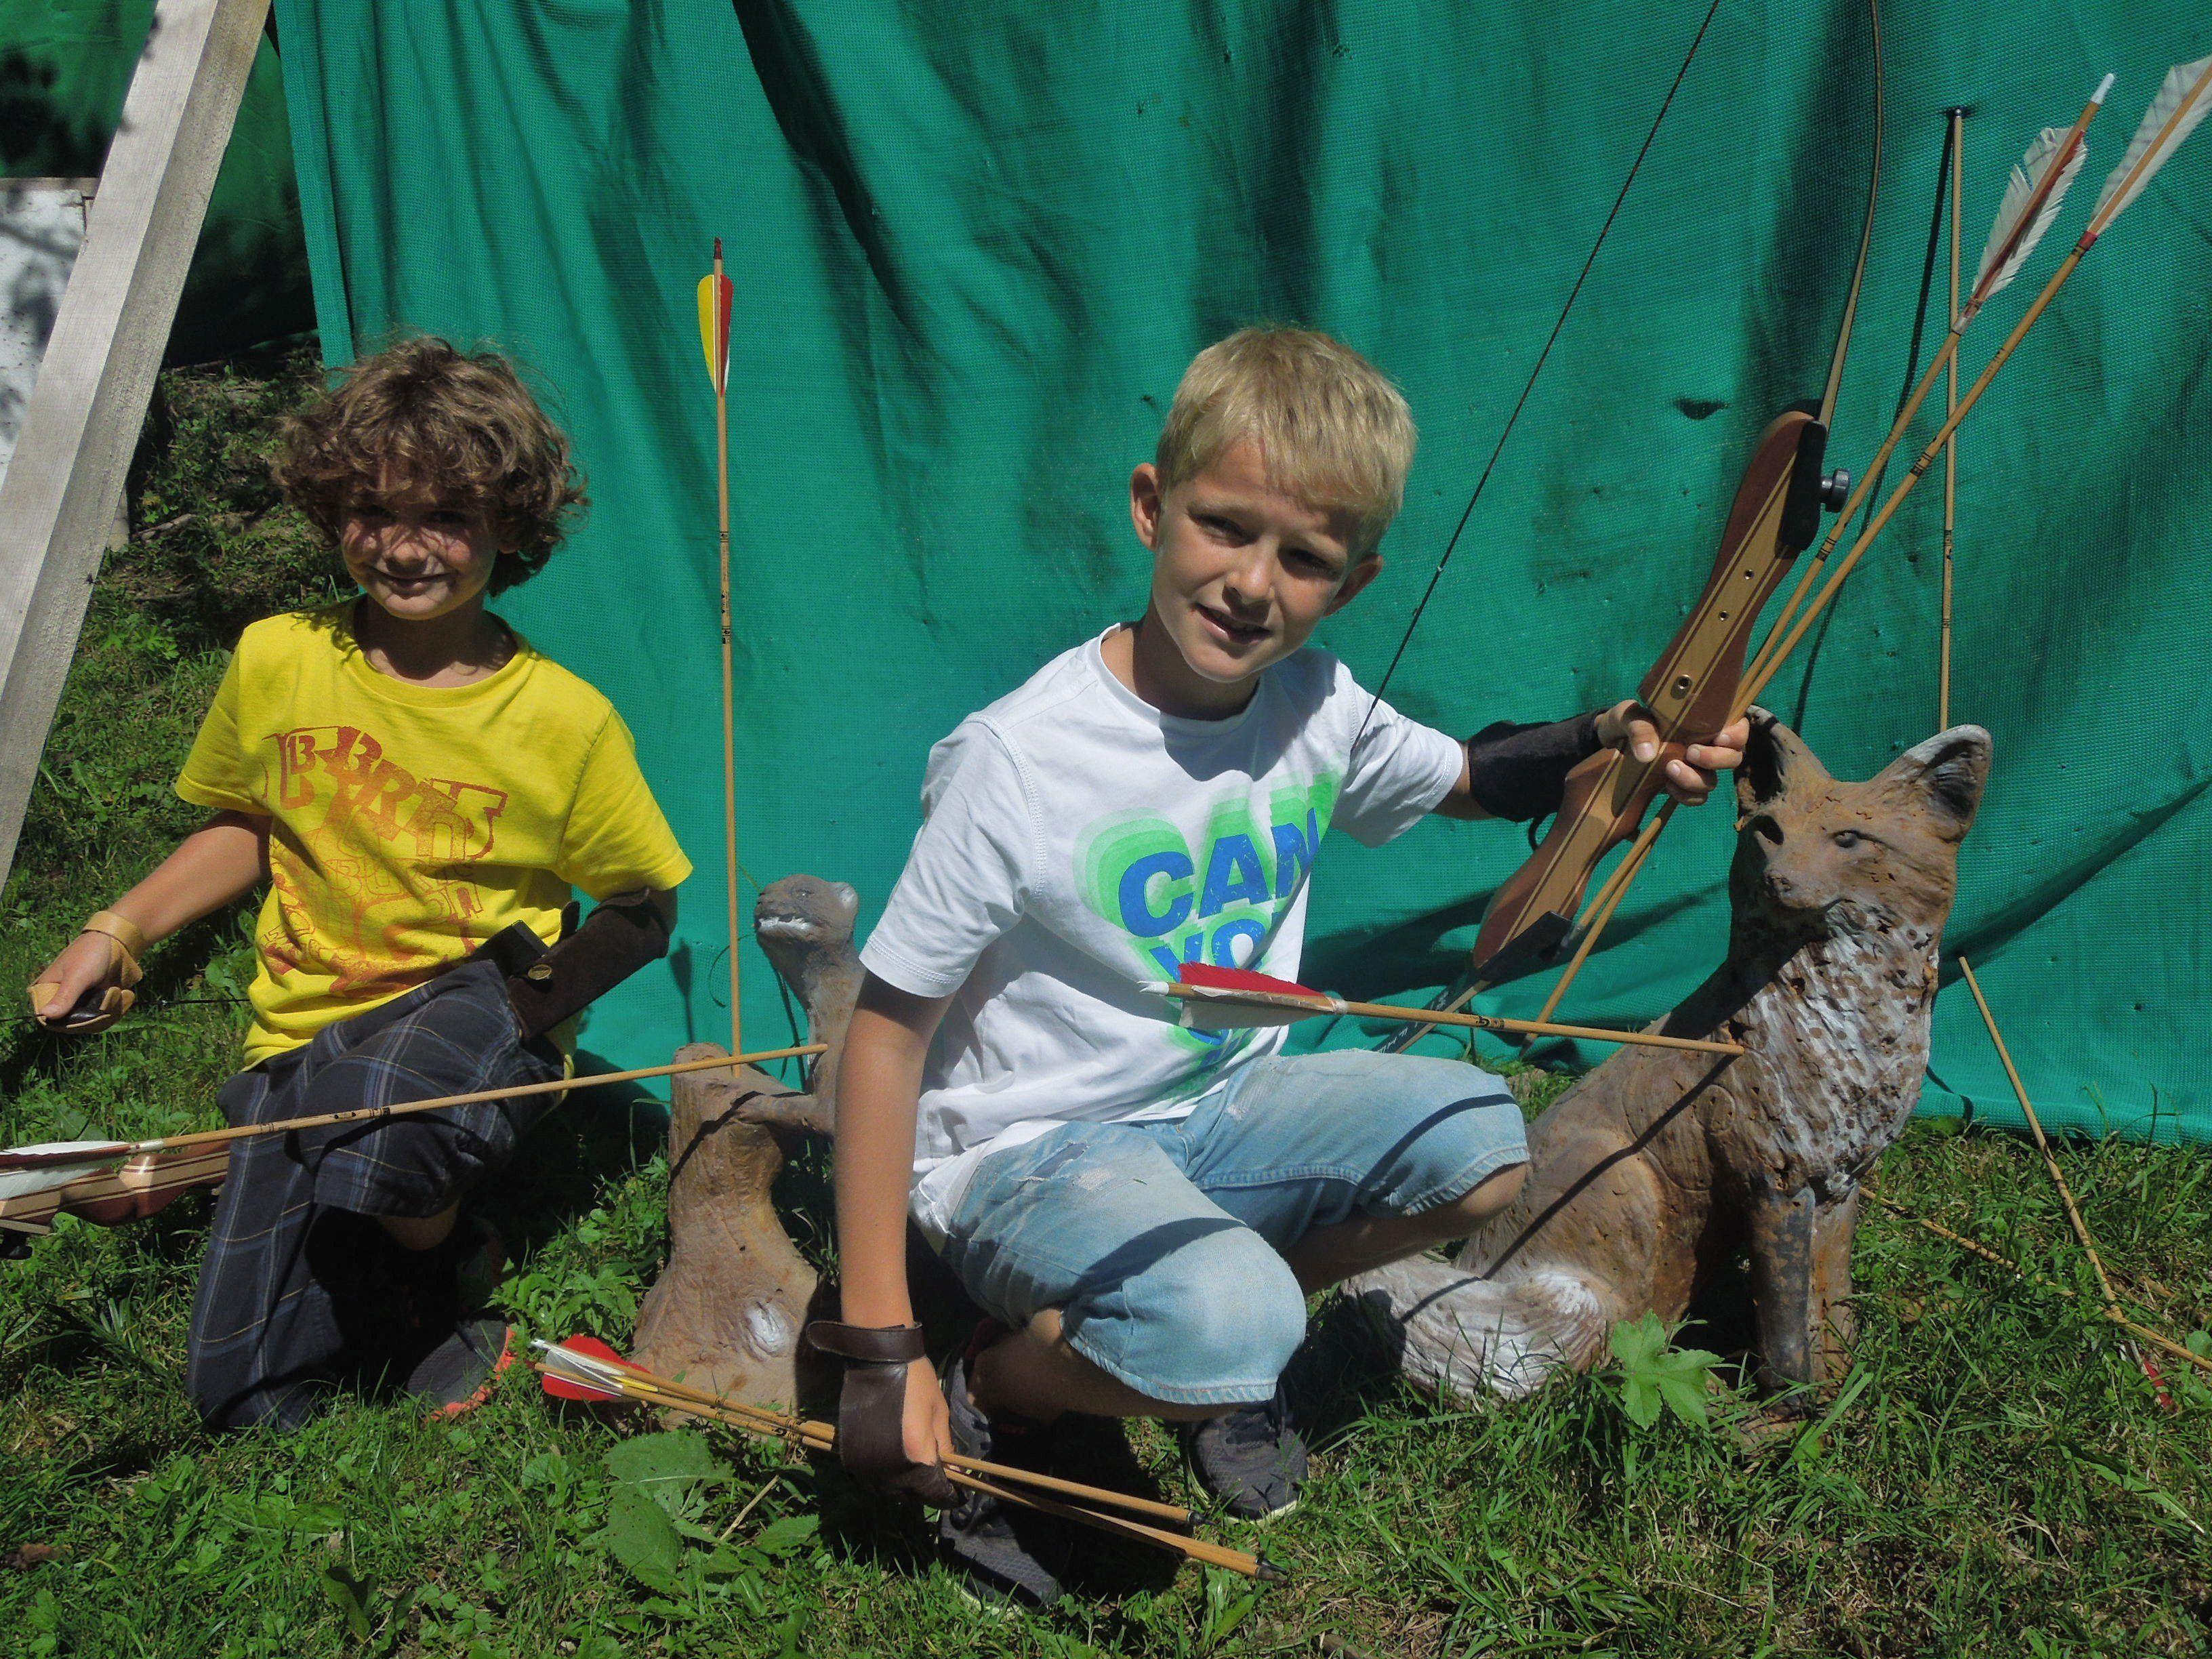 Auch unsere VN-Kinderreporter Jeremias und Elijah haben die tollen Sportangebote im Ebnist getestet.